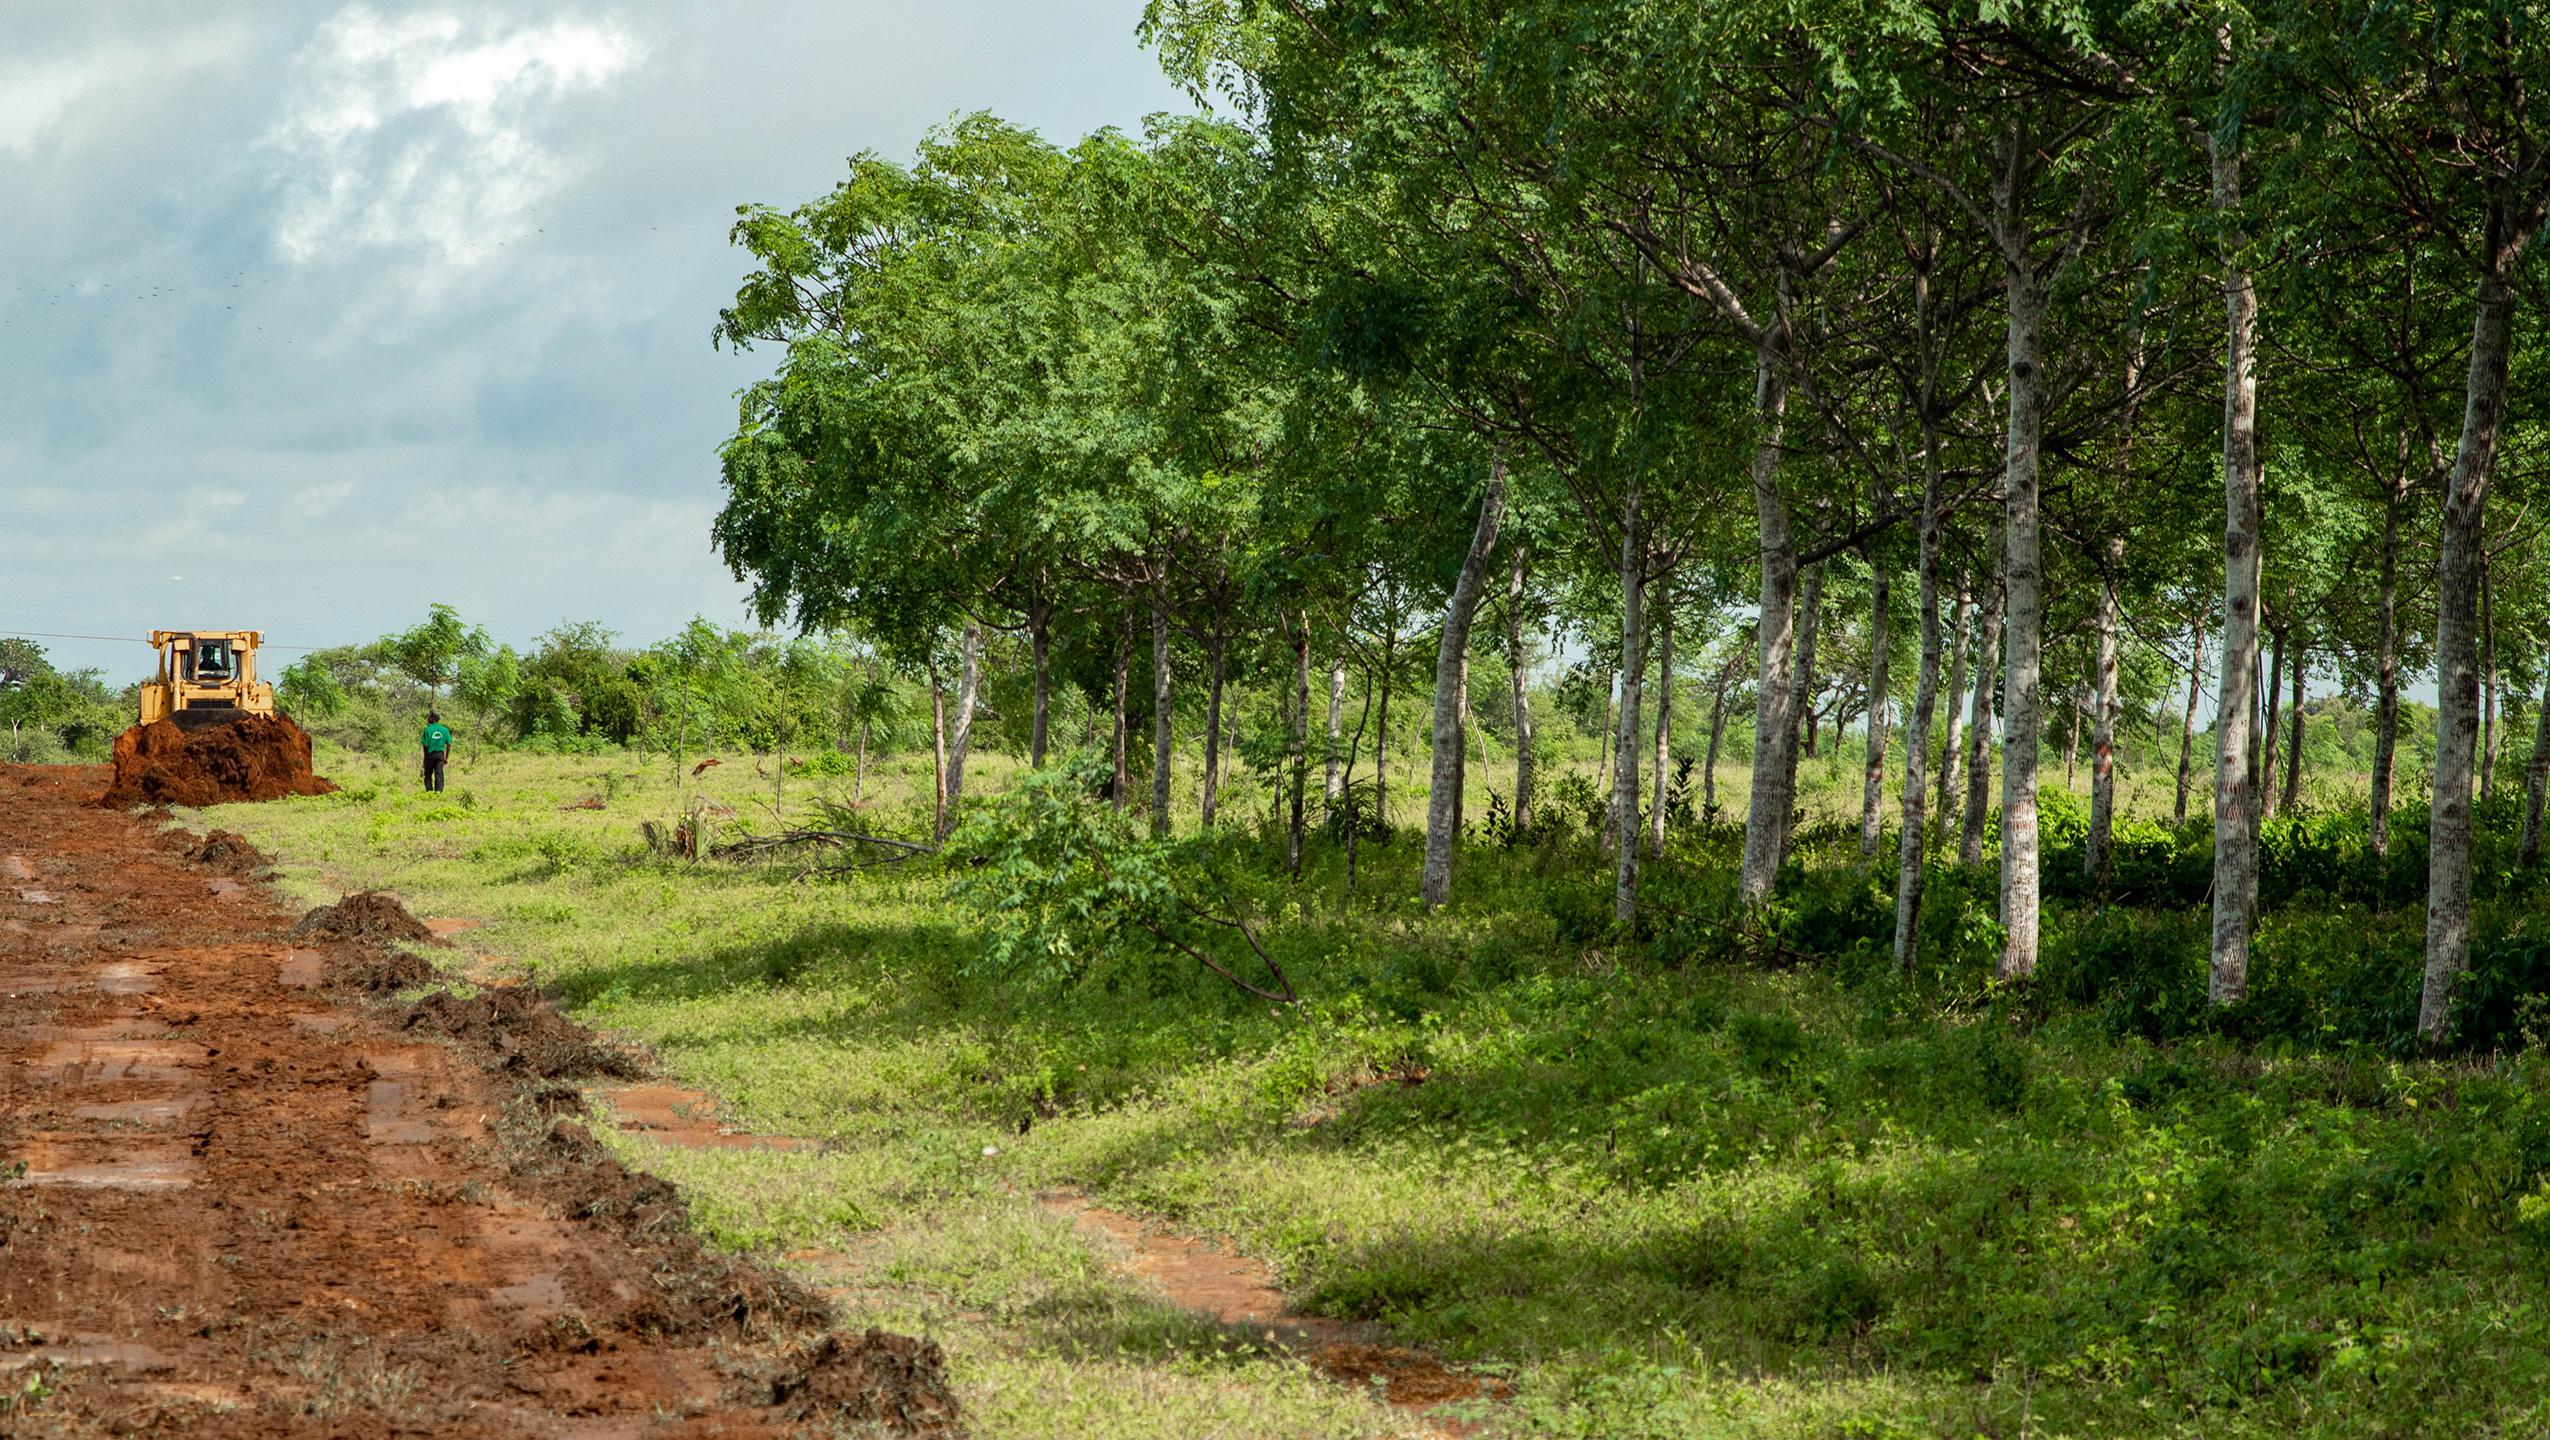 Træplantning reducerer klimatruslen